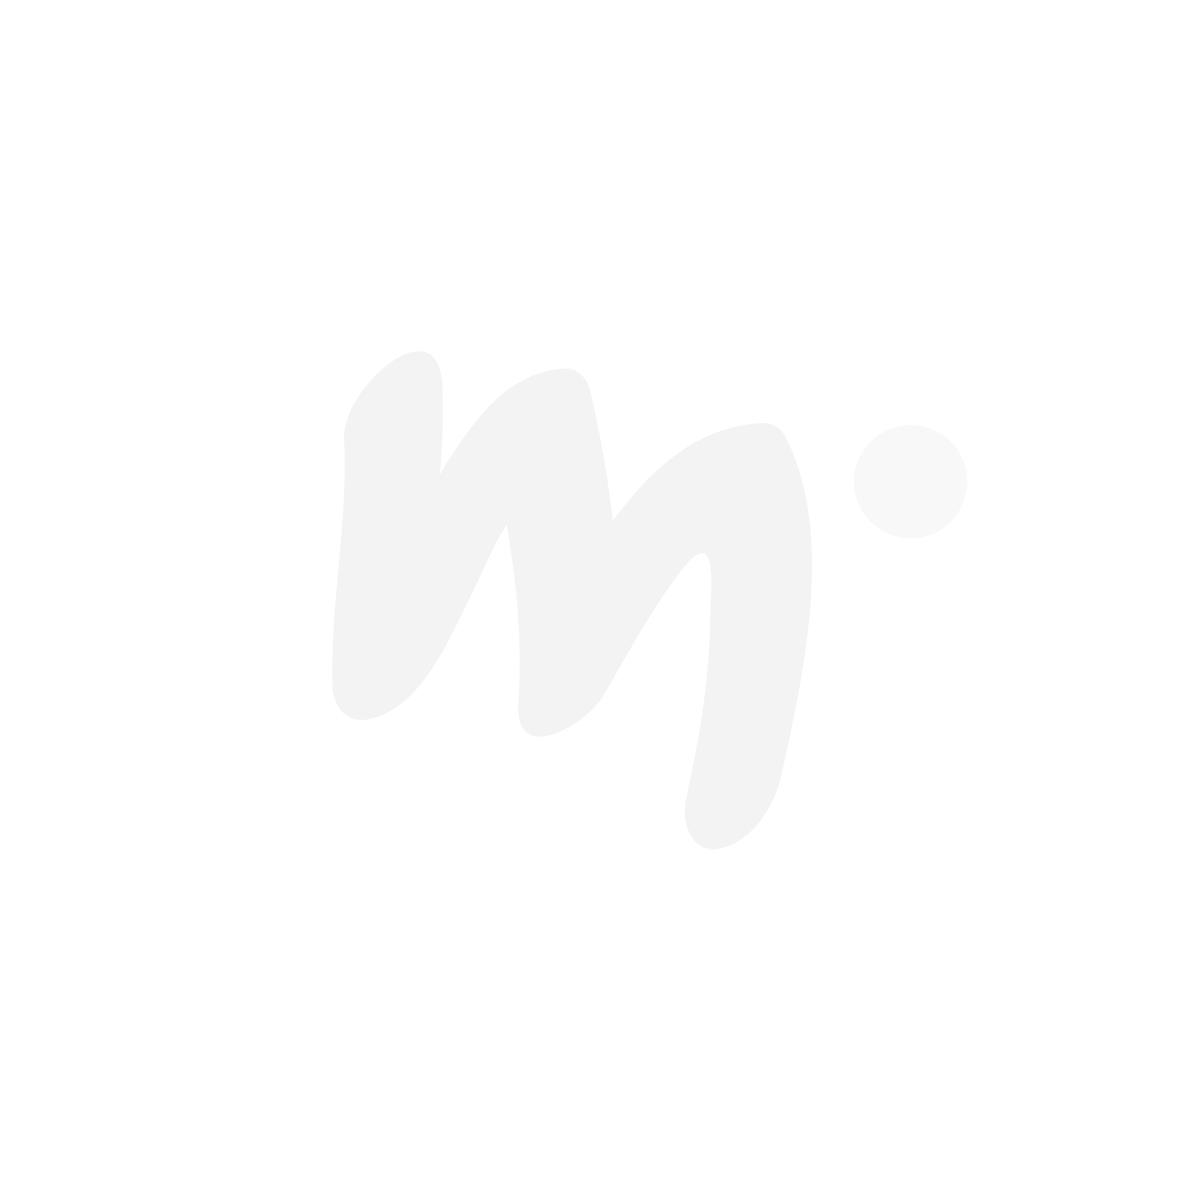 Muumi Jääkarhu-pyjama miesten malli sininen